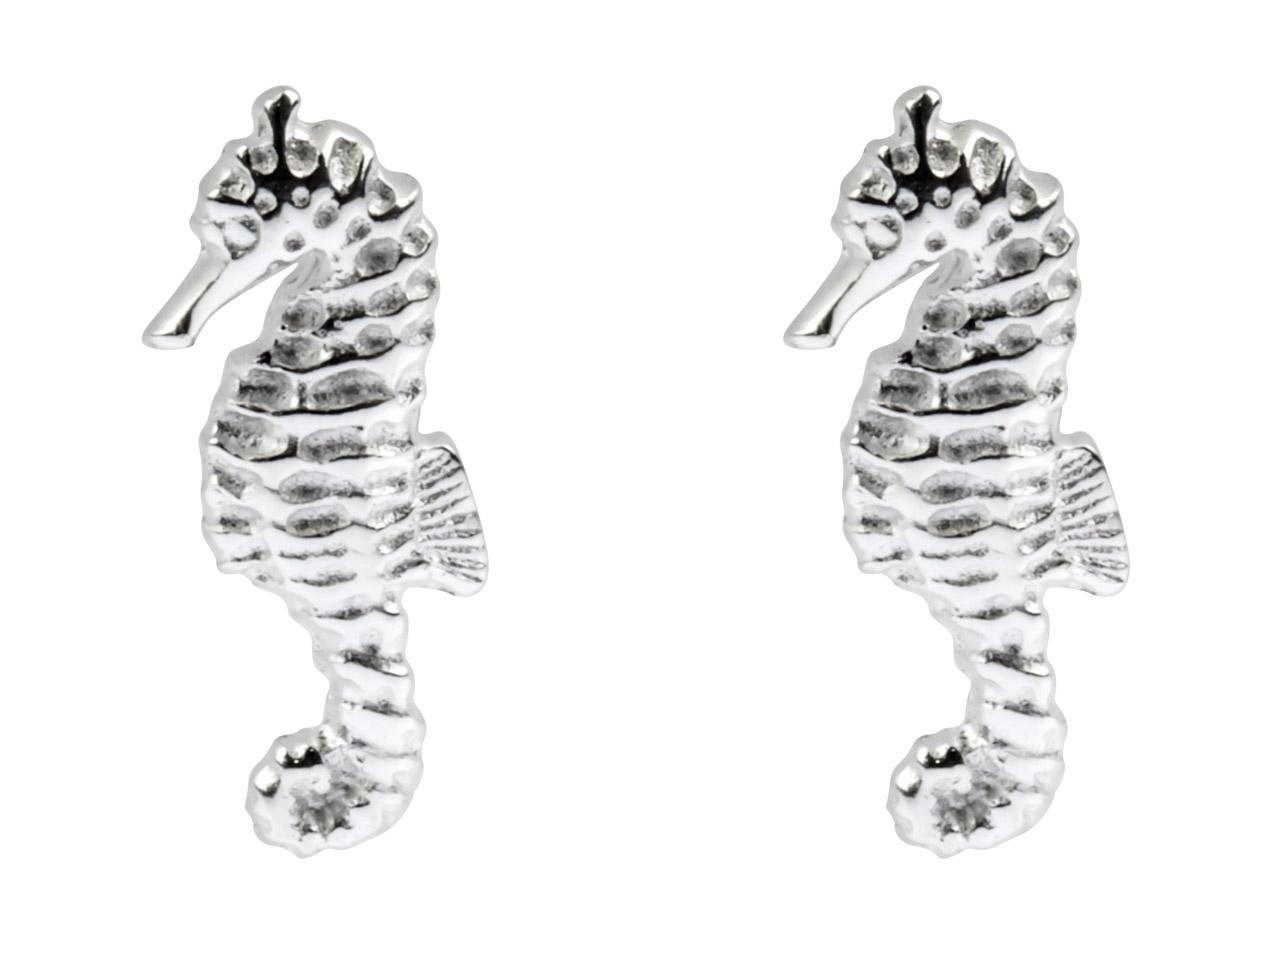 HippocampeArgent HippocampeArgent Boucles HippocampeArgent D'oreilles Boucles D'oreilles 925 Boucles D'oreilles 925 ym0wO8vNn